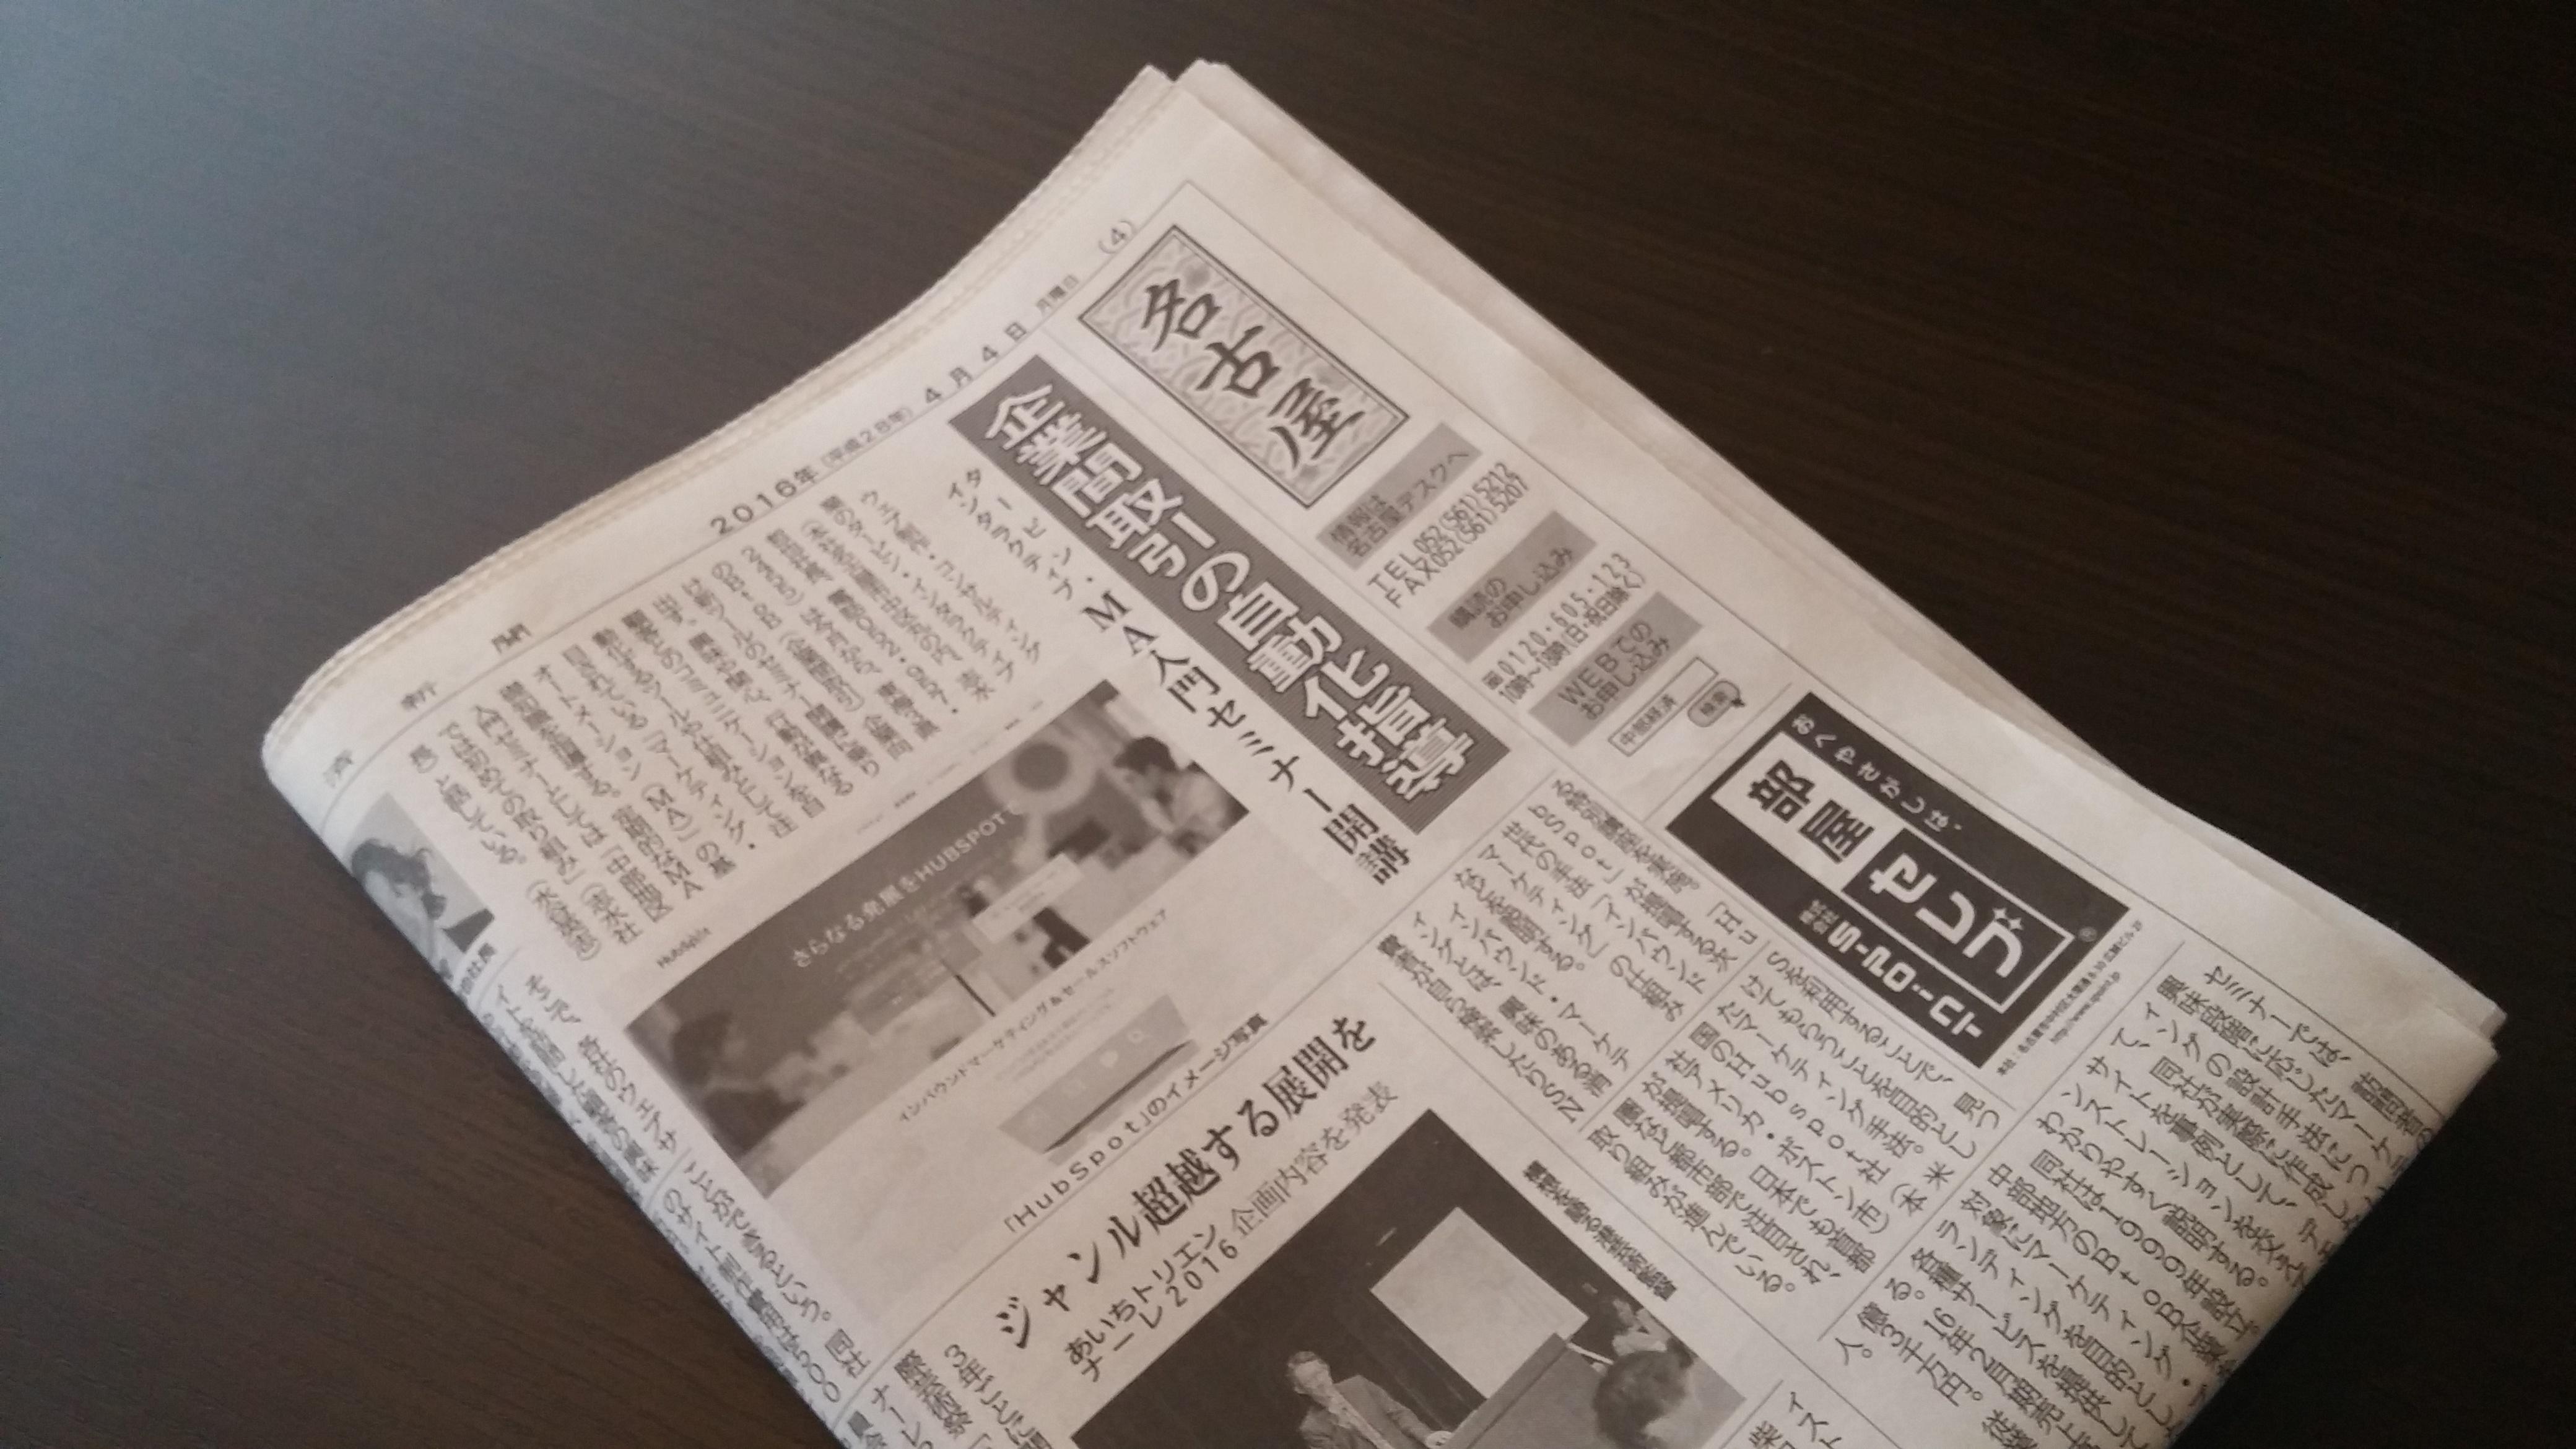 HubSpot関連のお知らせ|「中部経済新聞」4面に弊社のMA入門セミナーに関する記事が掲載されました。